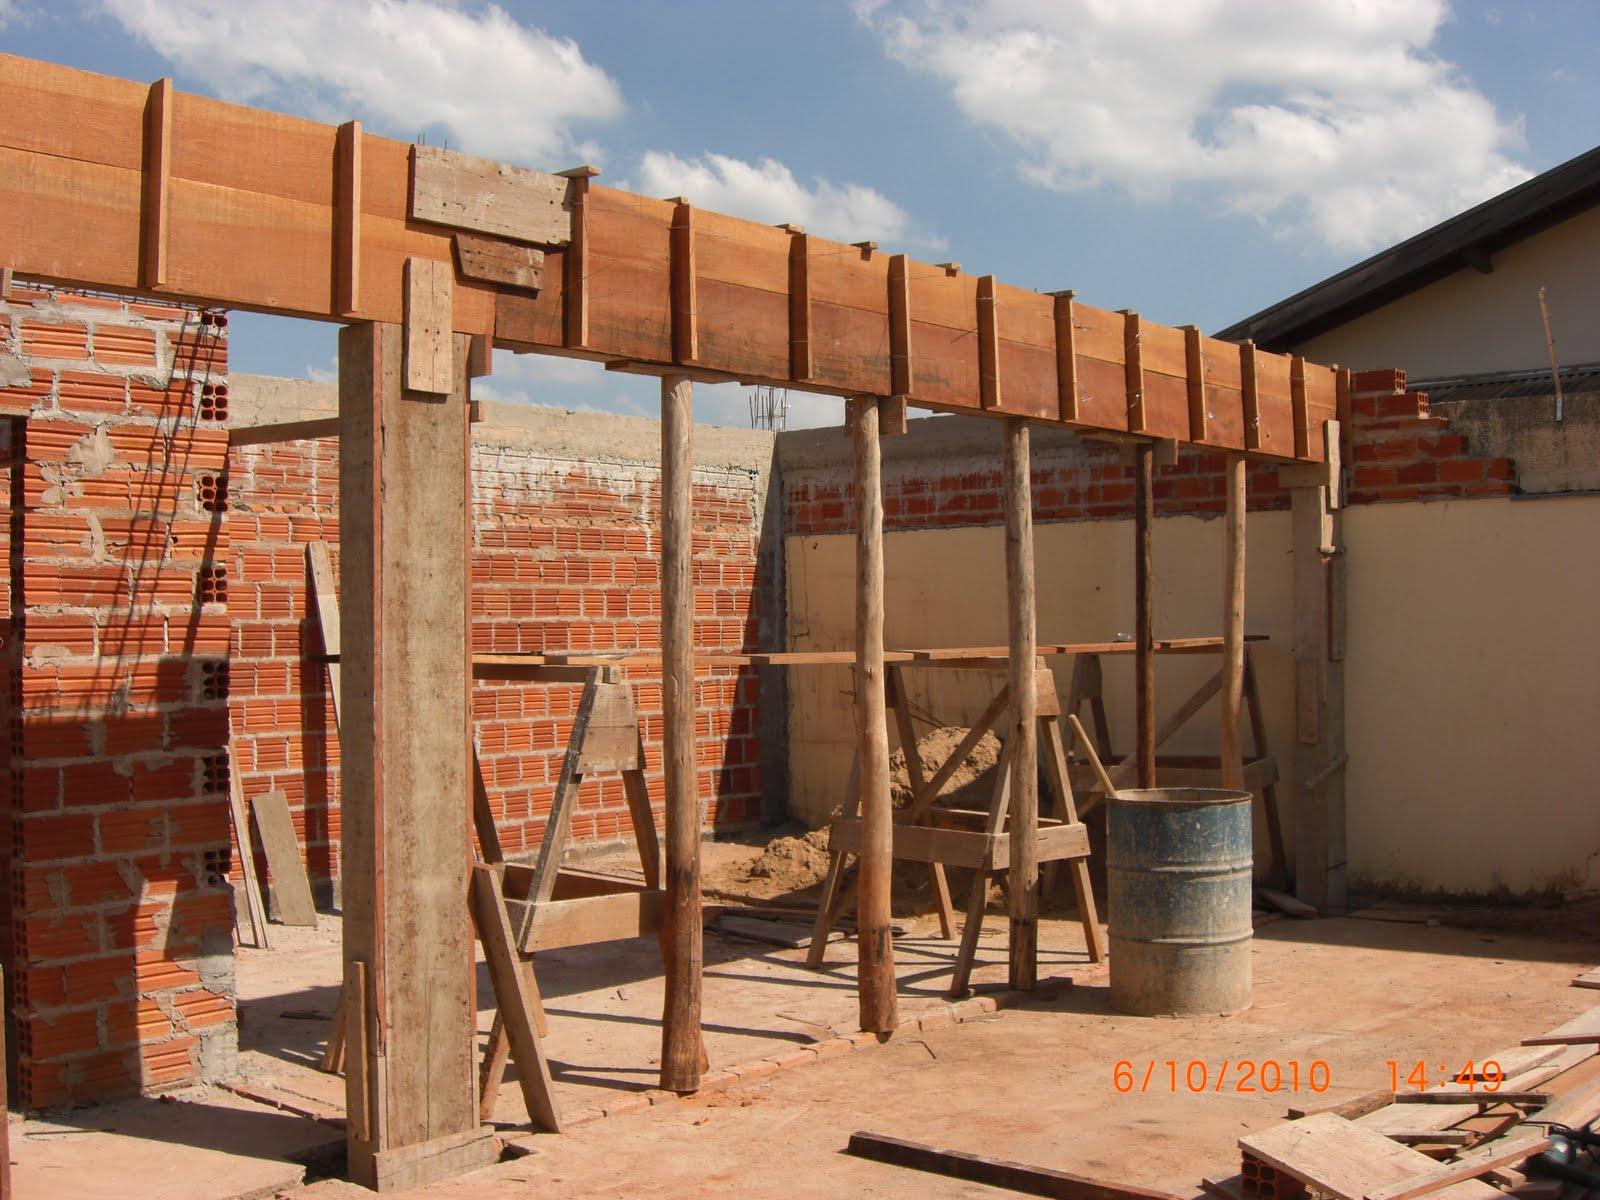 KUWABARA ARQUITETURA: CONSTRUÇÃO DE EDÍCULA COM ÁREA DE LAZER #995732 1600x1200